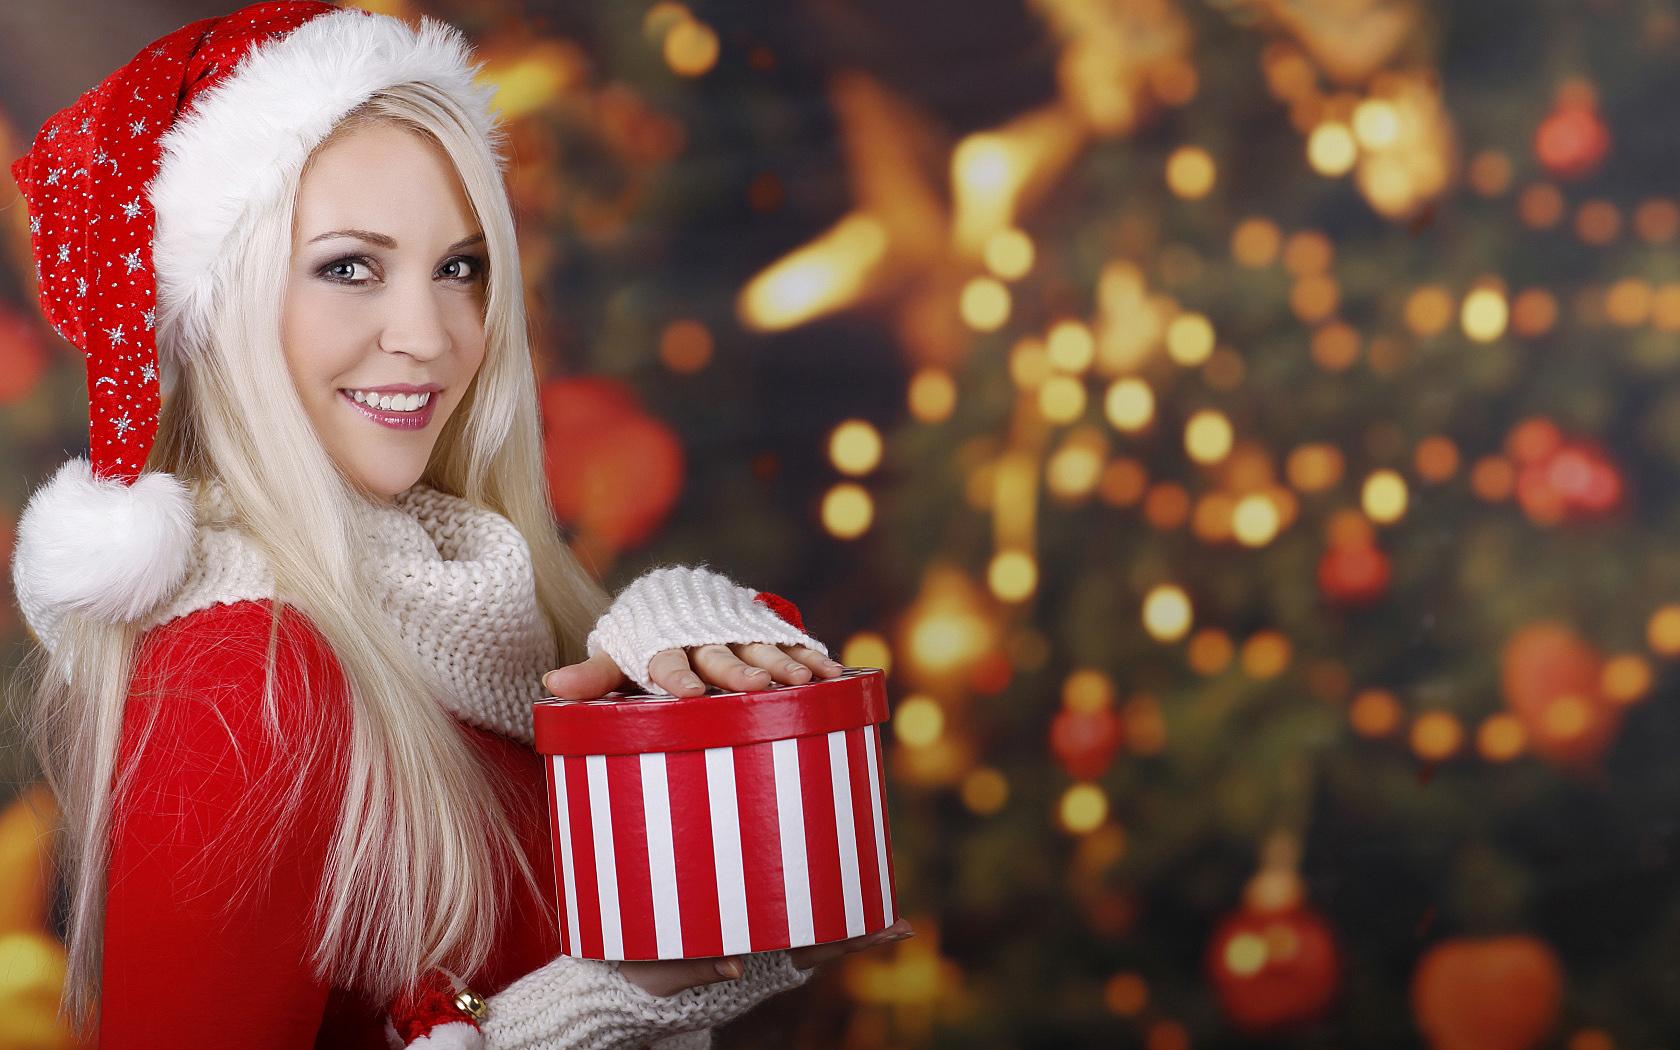 Снегурочка, Новый год, подарок, елка, девушка, Snow Maiden, New Year, gift, tree